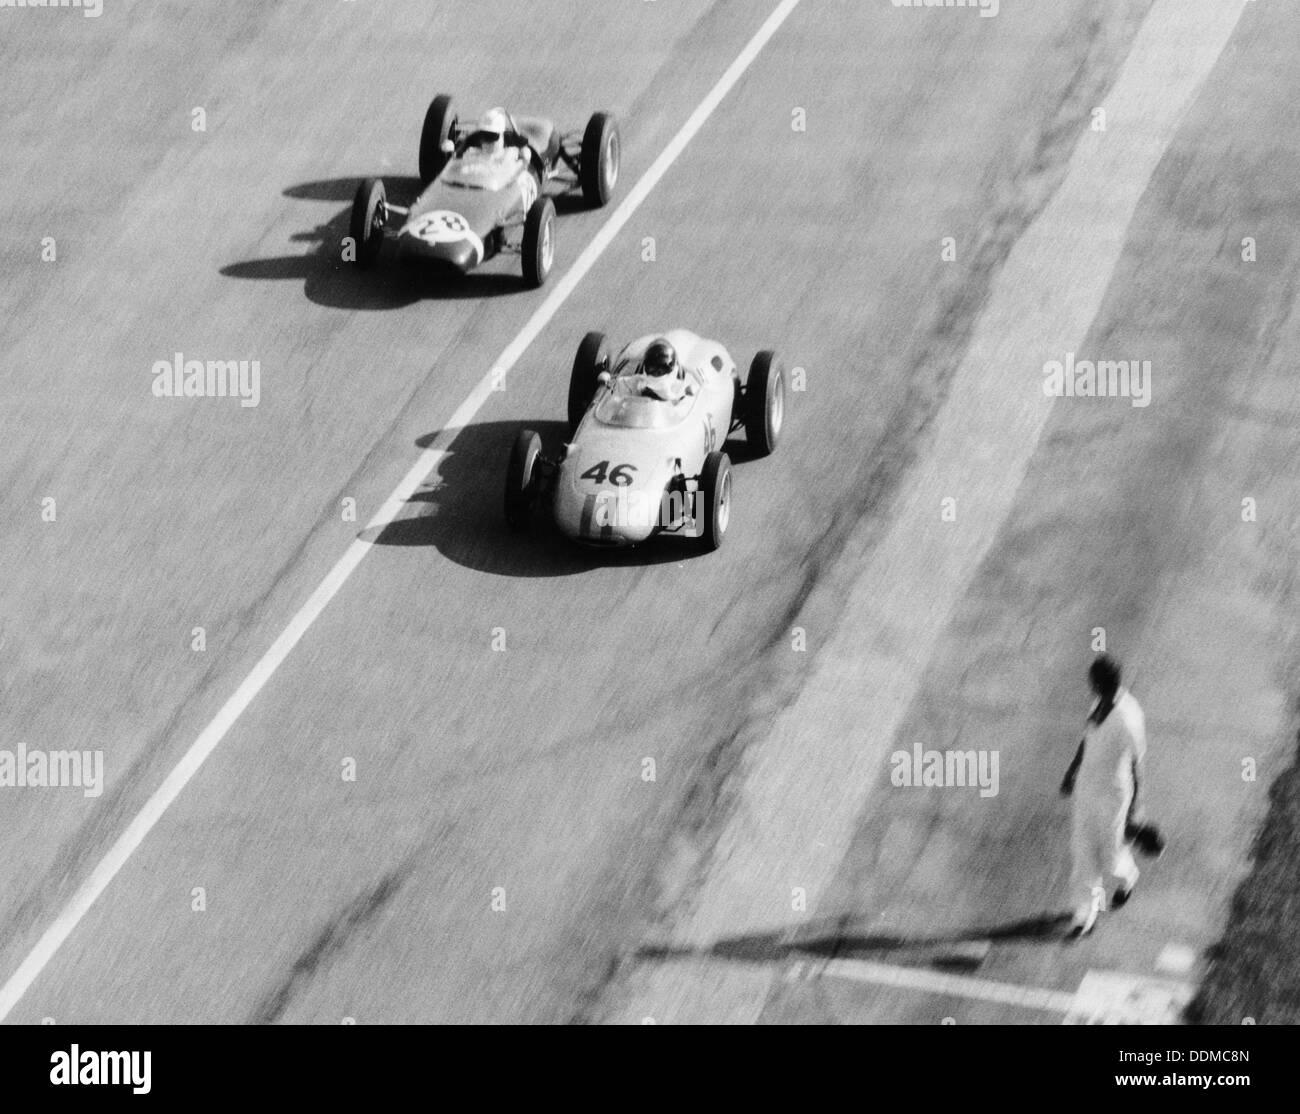 Italian Grand Prix, Monza, 1961. - Stock Image